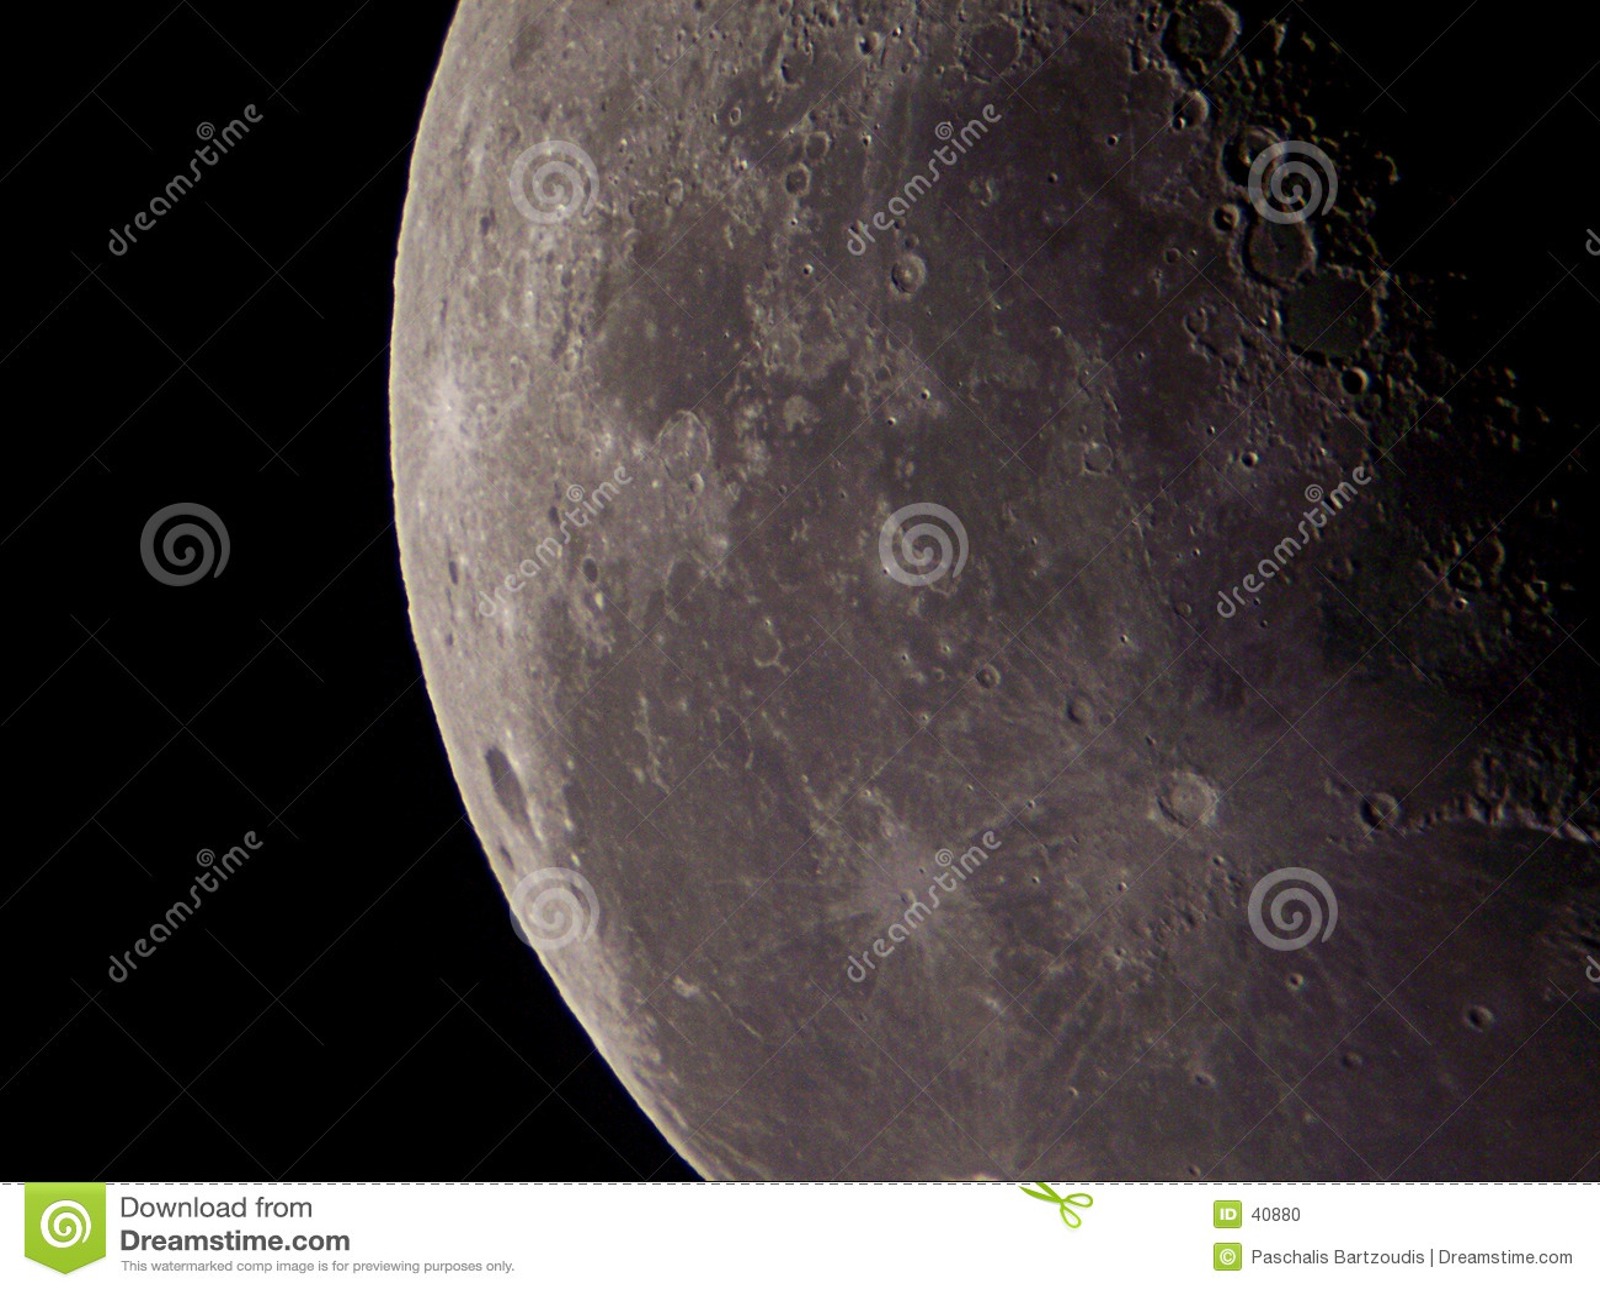 Notre satellite